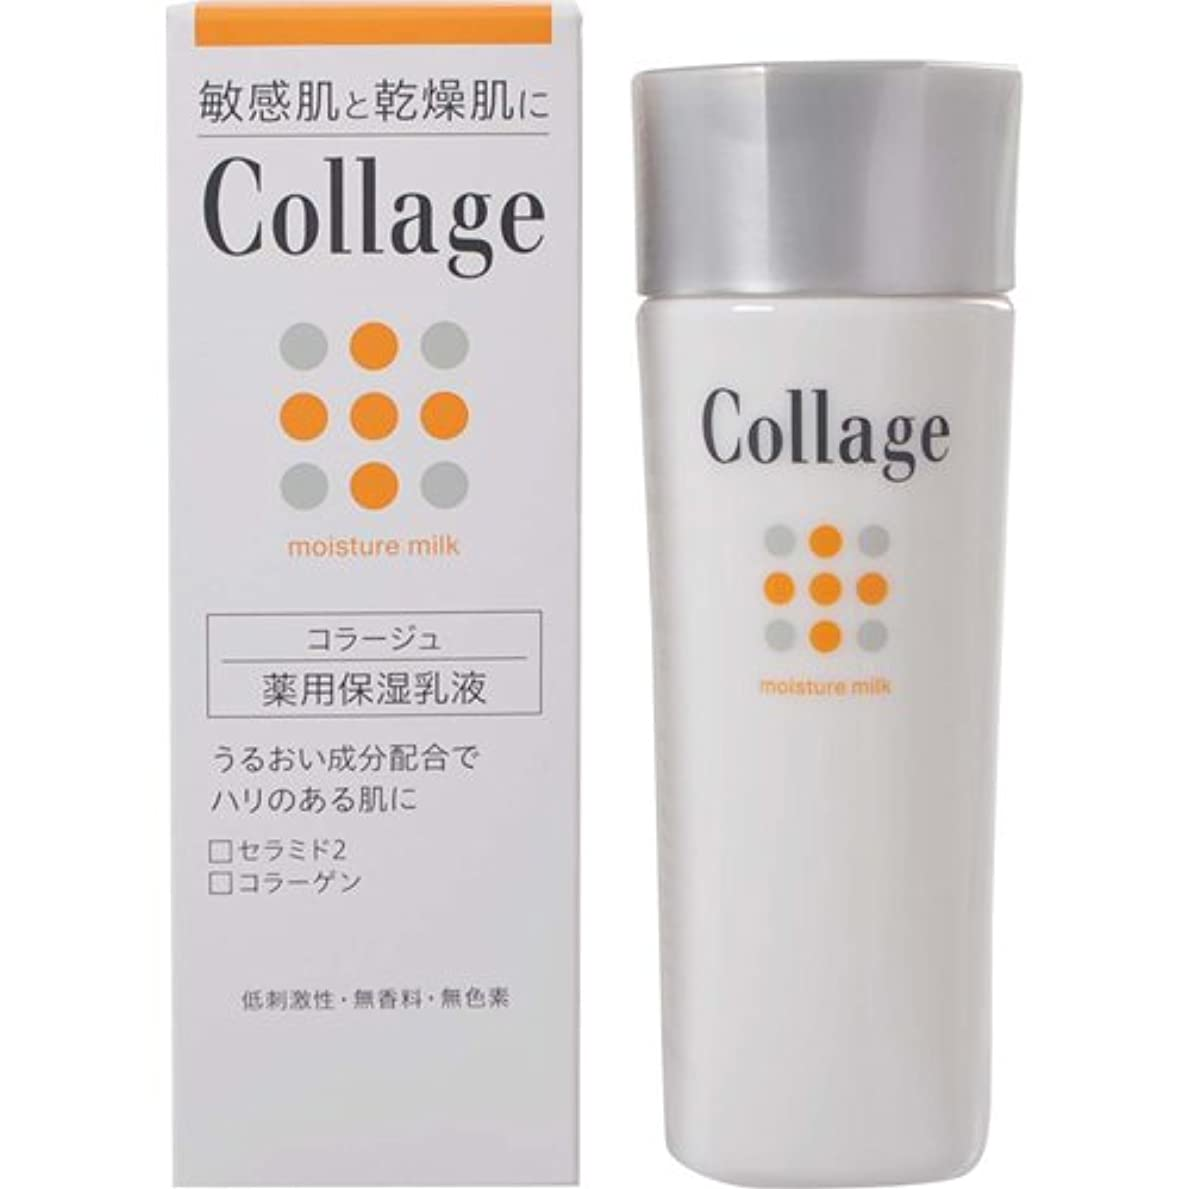 重なるランドマークなめらかなコラージュ 薬用保湿乳液 80mL 【医薬部外品】